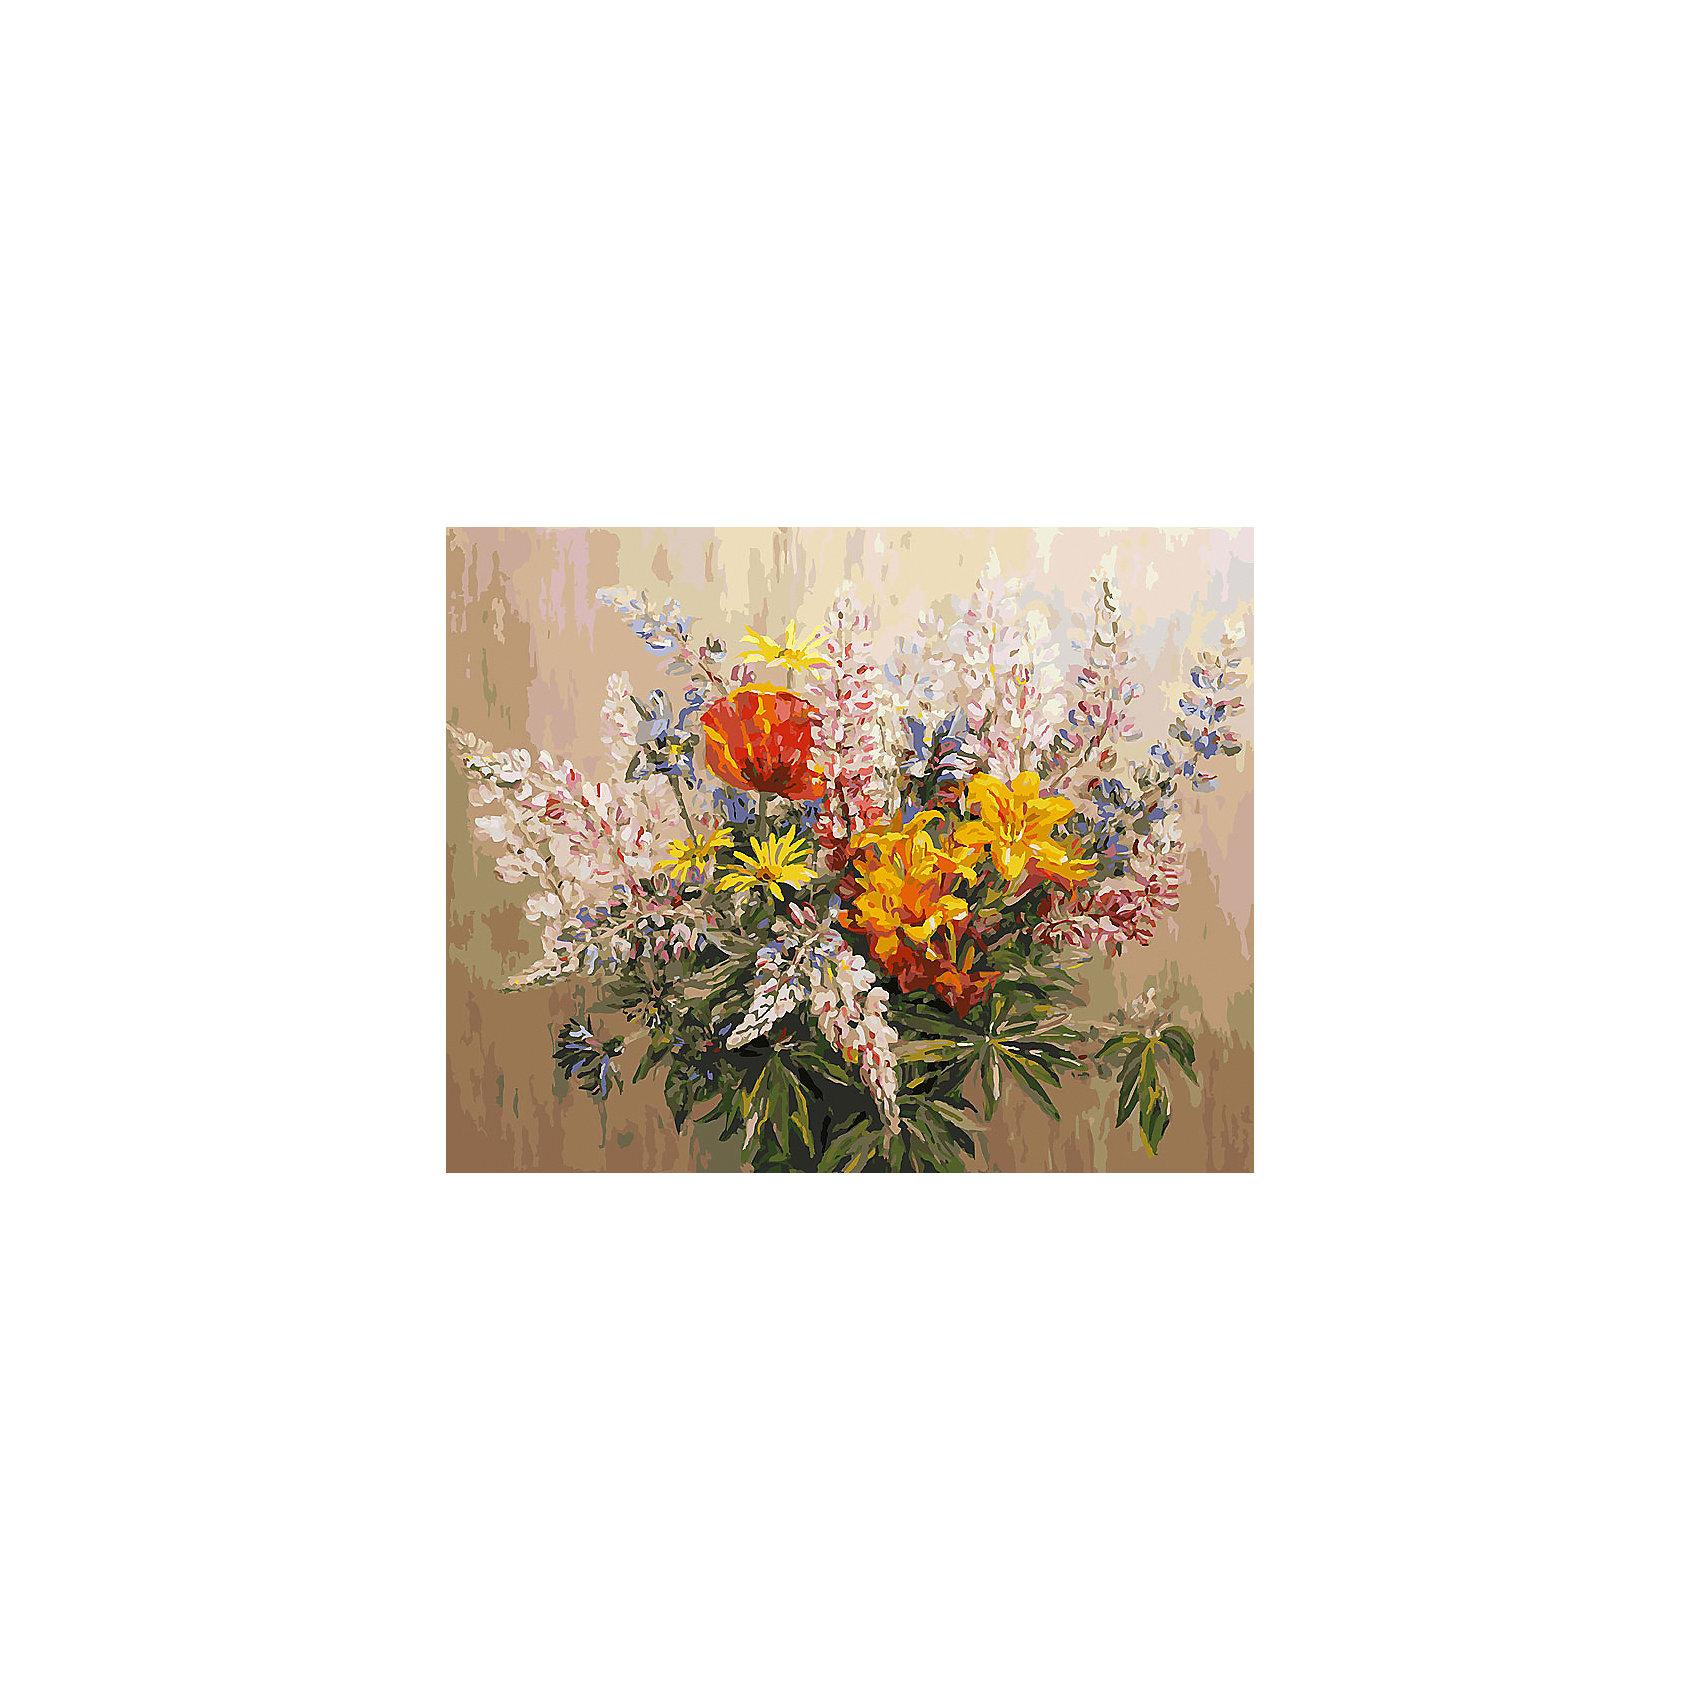 Живопись на холсте Букет с желтыми лилиями, 40*50 смРаскраски по номерам<br>Живопись на холсте Букет с желтыми лилиями, 40*50 см<br><br>Характеристики:<br><br>• Вес: 850<br>• Размер: 40х50<br>• Краски: акриловые, быстросохнущие<br>• Количество цветов: 40<br>• В наборе: холст на подрамнике, настенное крепление, контрольный лист с рисунком, 40 красок, 3 кисти<br><br>Данный набор позволит любому человеку ощутить себя профессиональным художником. В комплект входит холст с нанесенным на него рисунком по номерам, акриловые краски на водной основе, специальный контрольный лист, предотвращающий ошибки и 3 удобные кисти разных размеров. <br><br>Рисовать на холсте очень удобно, а благодаря номерам на картине и баночках с краской - это совсем просто. Цвета ложатся ровным слоем, перекрывая нанесенный рисунок. Если вы боитесь, что где-то ошиблись – приложите контрольный лист, который полностью повторяет схему. Акриловые краски совершенно безопасны и не имеют запаха. А благодаря настенному креплению вы сможете повесить готовую работу.<br><br>Живопись на холсте Букет с желтыми лилиями, 40*50 см можно купить в нашем интернет-магазине.<br><br>Ширина мм: 510<br>Глубина мм: 410<br>Высота мм: 250<br>Вес г: 850<br>Возраст от месяцев: 72<br>Возраст до месяцев: 2147483647<br>Пол: Унисекс<br>Возраст: Детский<br>SKU: 5500397